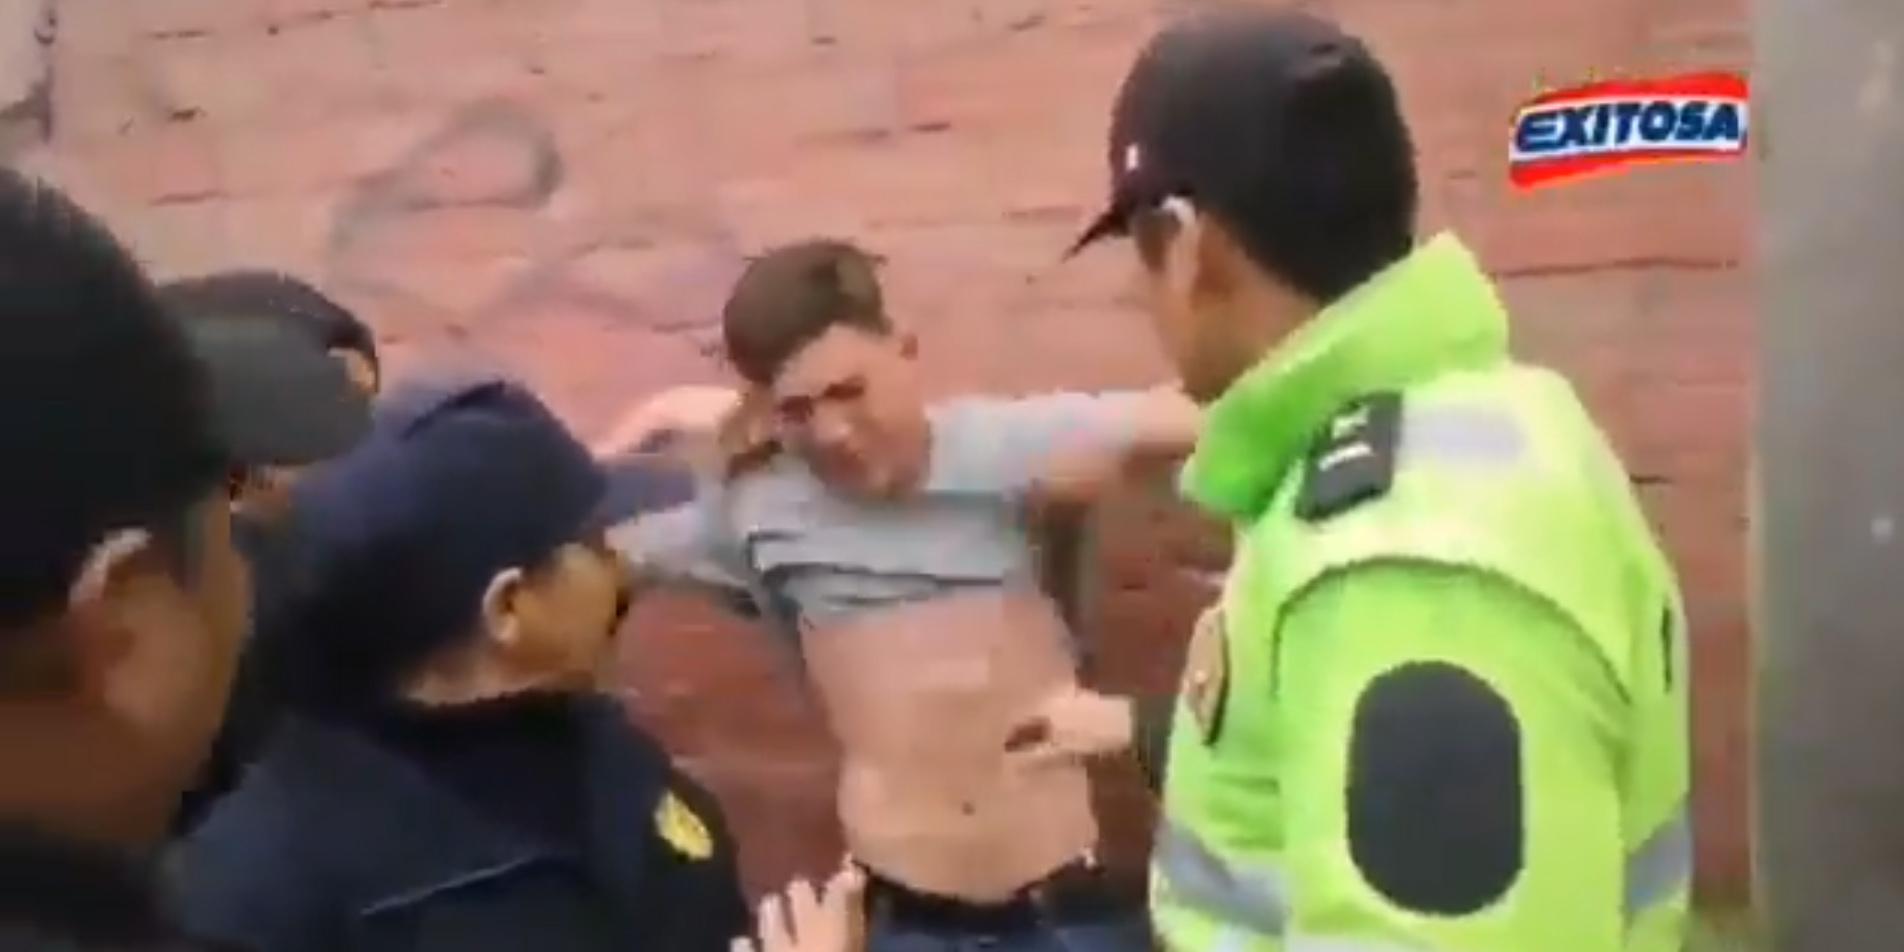 El vídeo que conmueve a los venezolanos: Un joven se desmorona cuando la policía de Perú le quita los chocolates que vende para comer